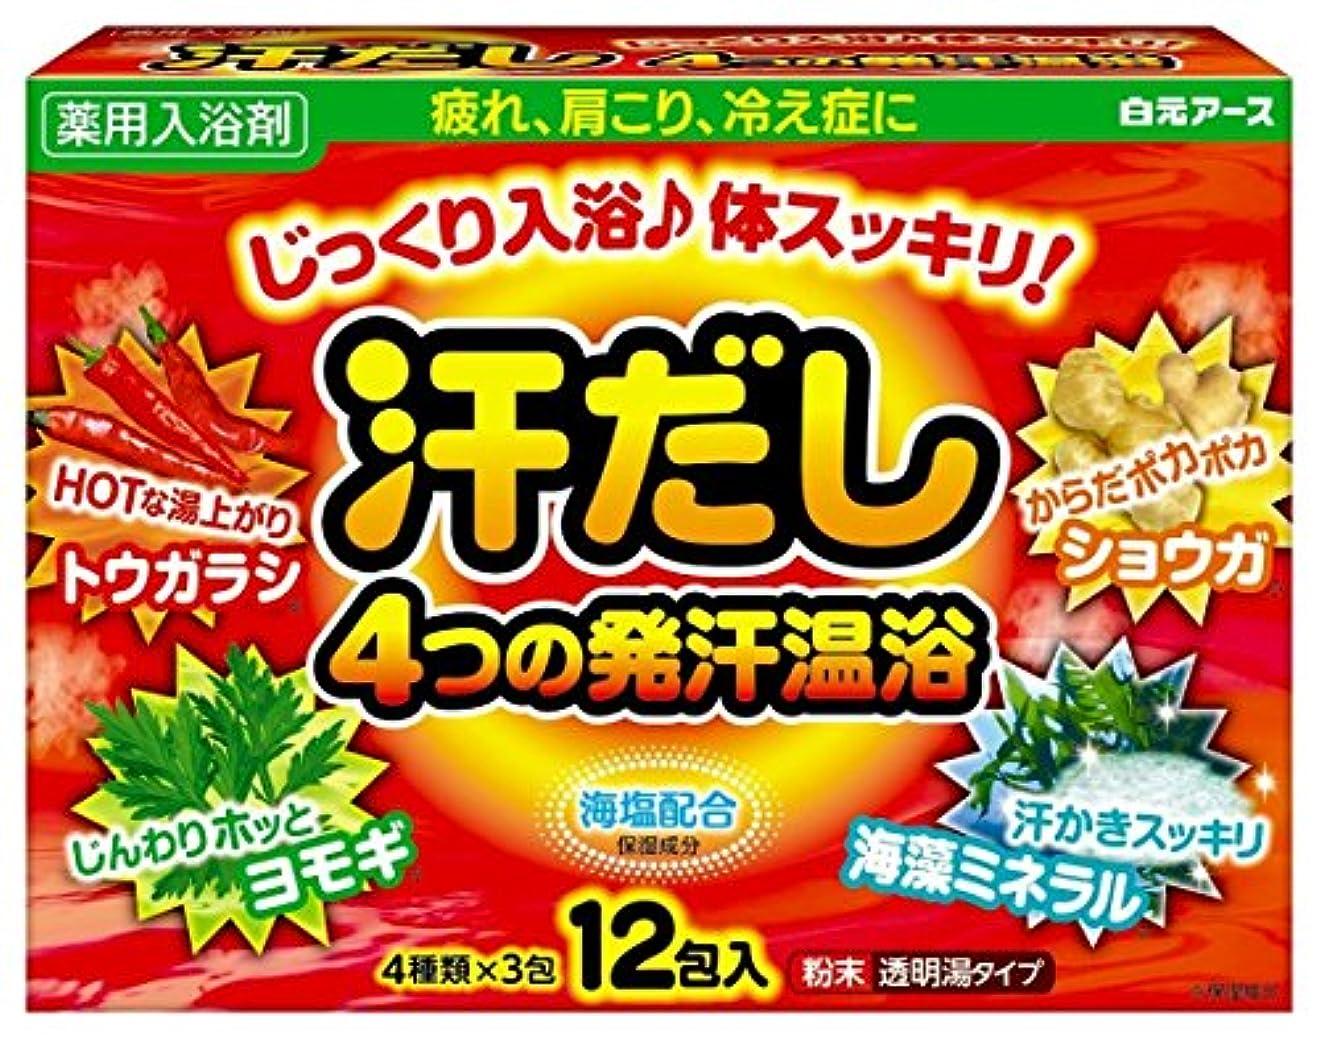 関係ないブロンズ特に薬用入浴剤 汗だし4つの発汗温浴 4種類×3包入